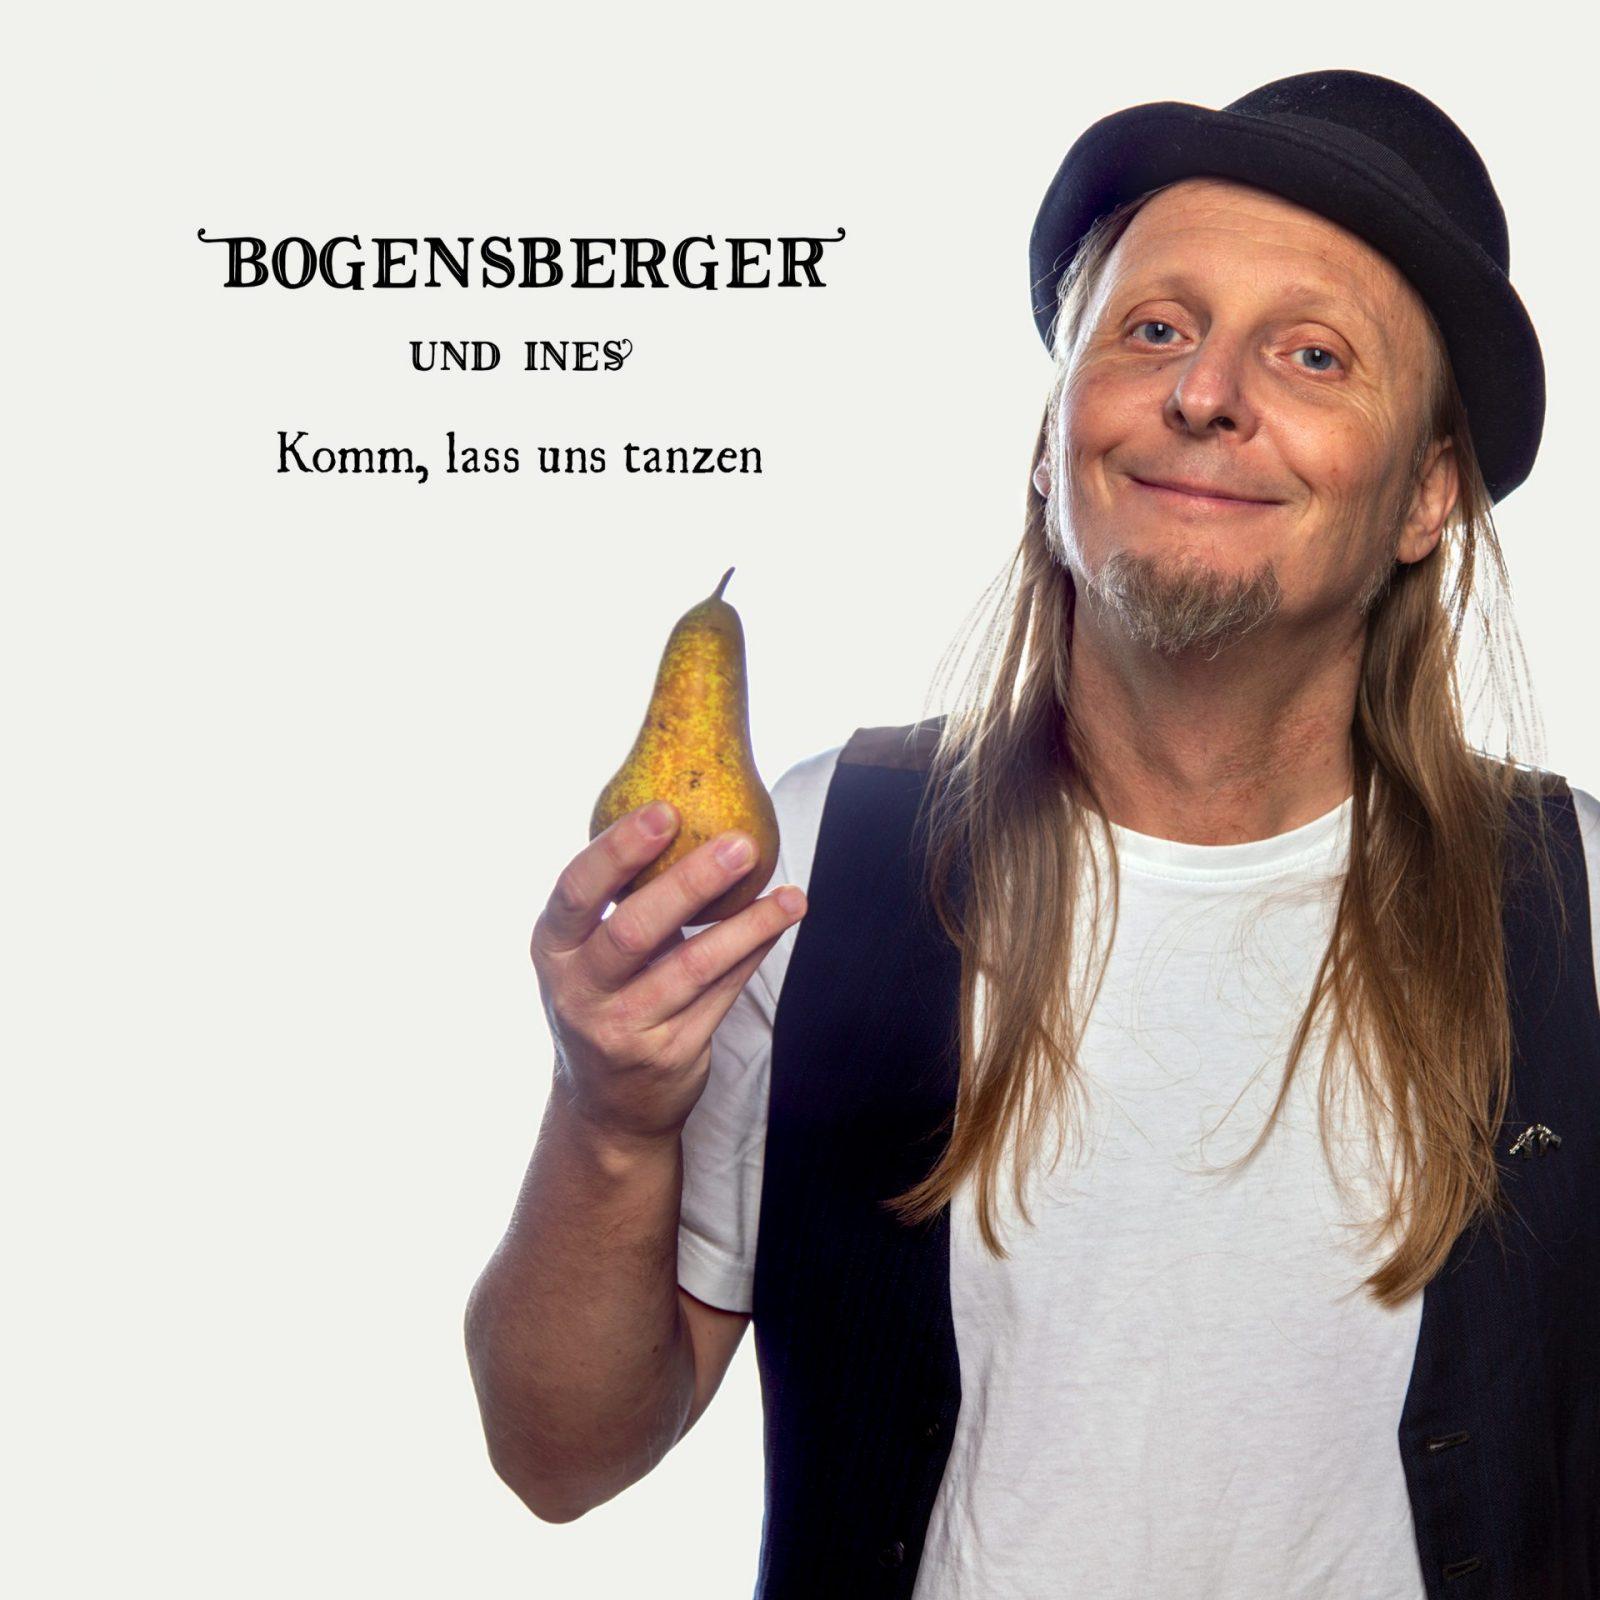 """Christian Bogensberger """"Kommt, lasst uns tanzen"""""""